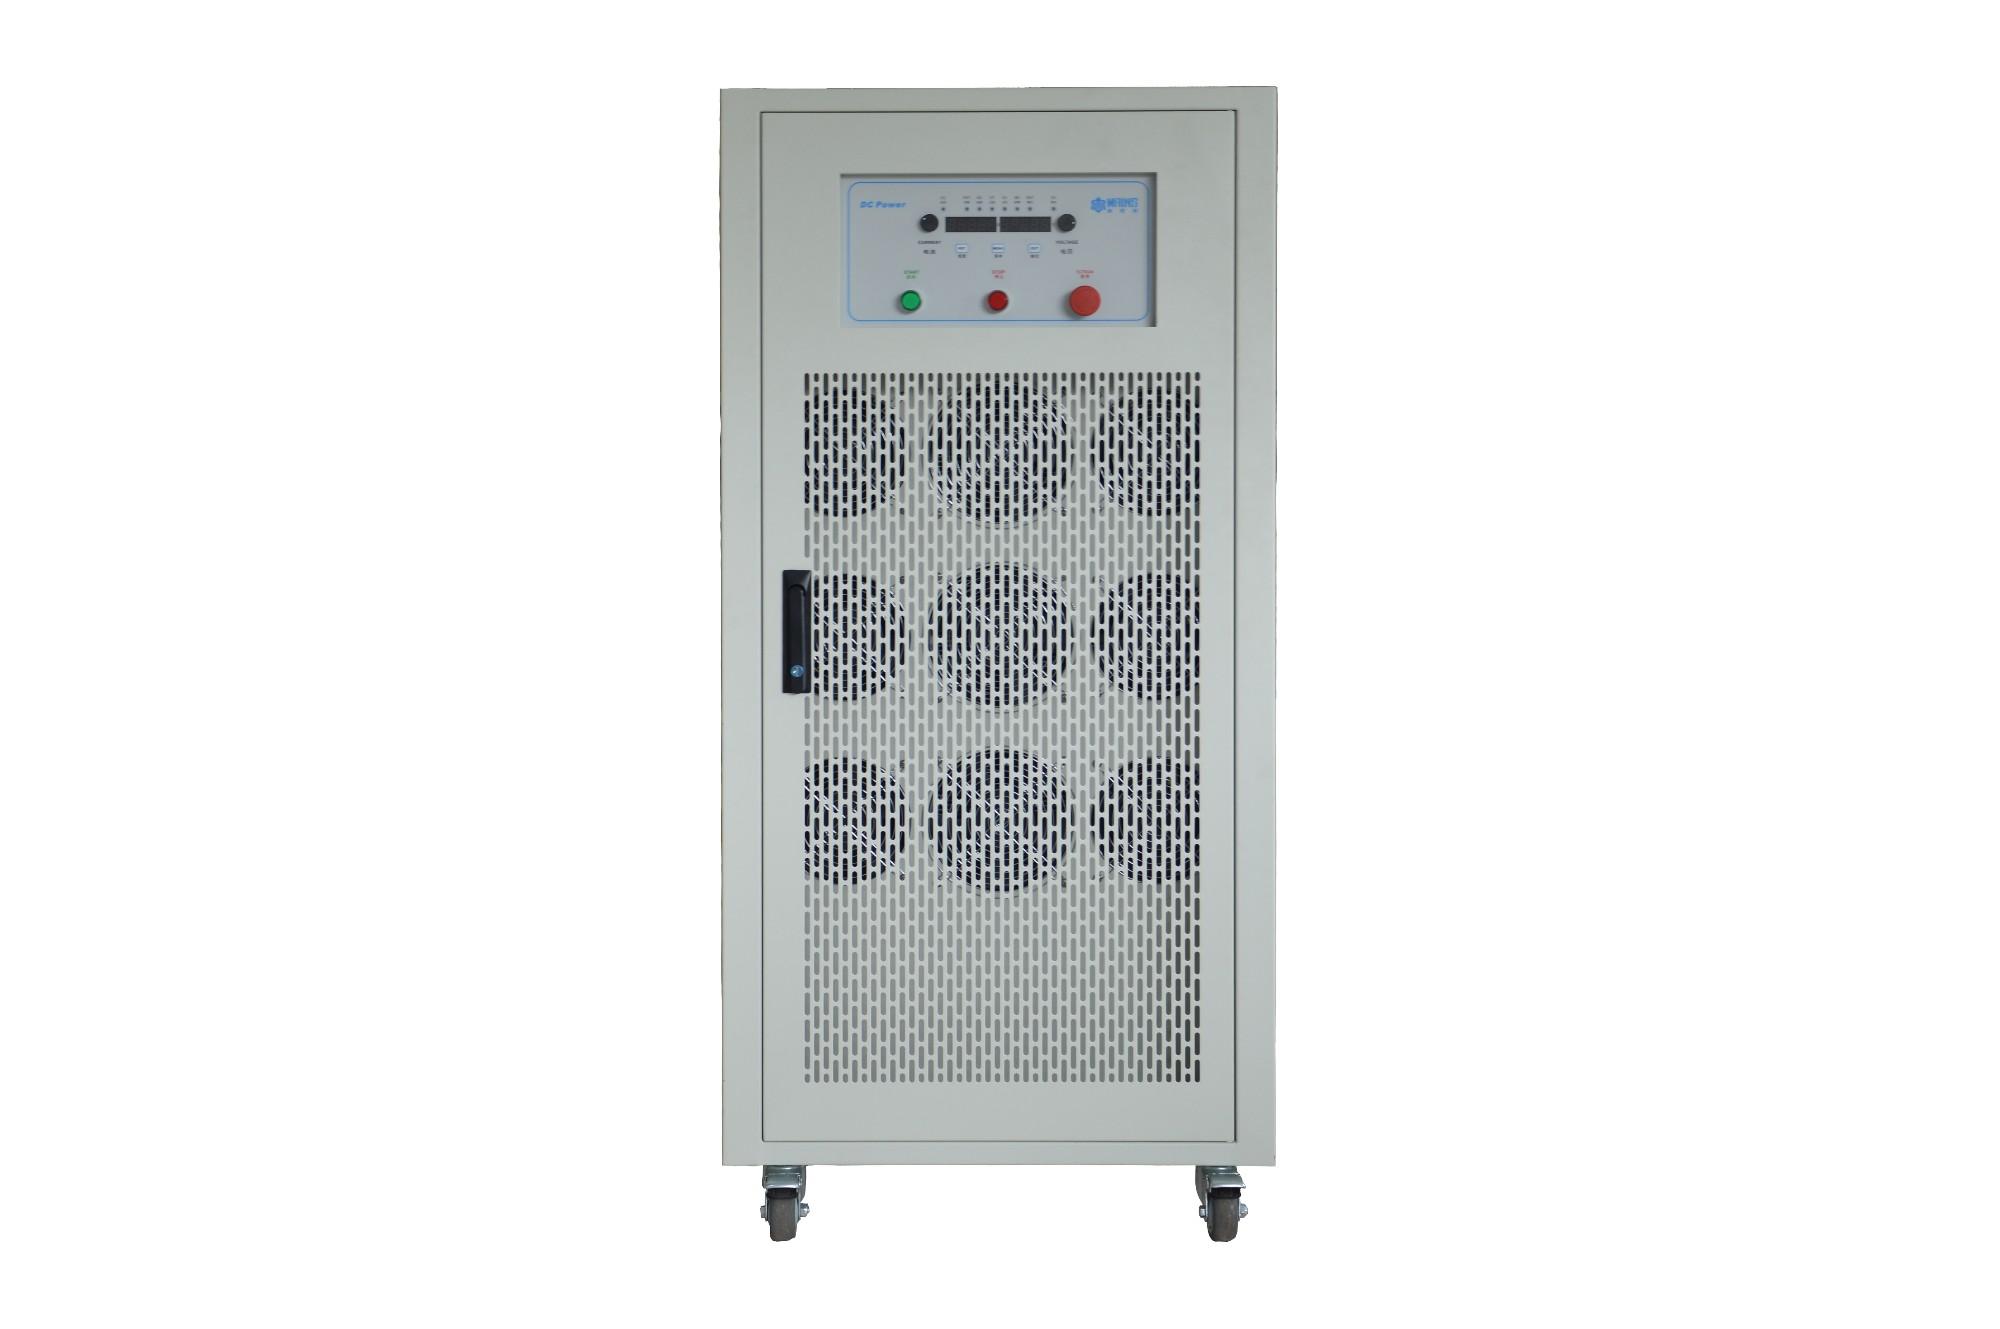 直流电源,大功率直流电源,直流稳压电源,程控直流电源,可调直流电源,大功率直流稳压电源,可编程直流电源